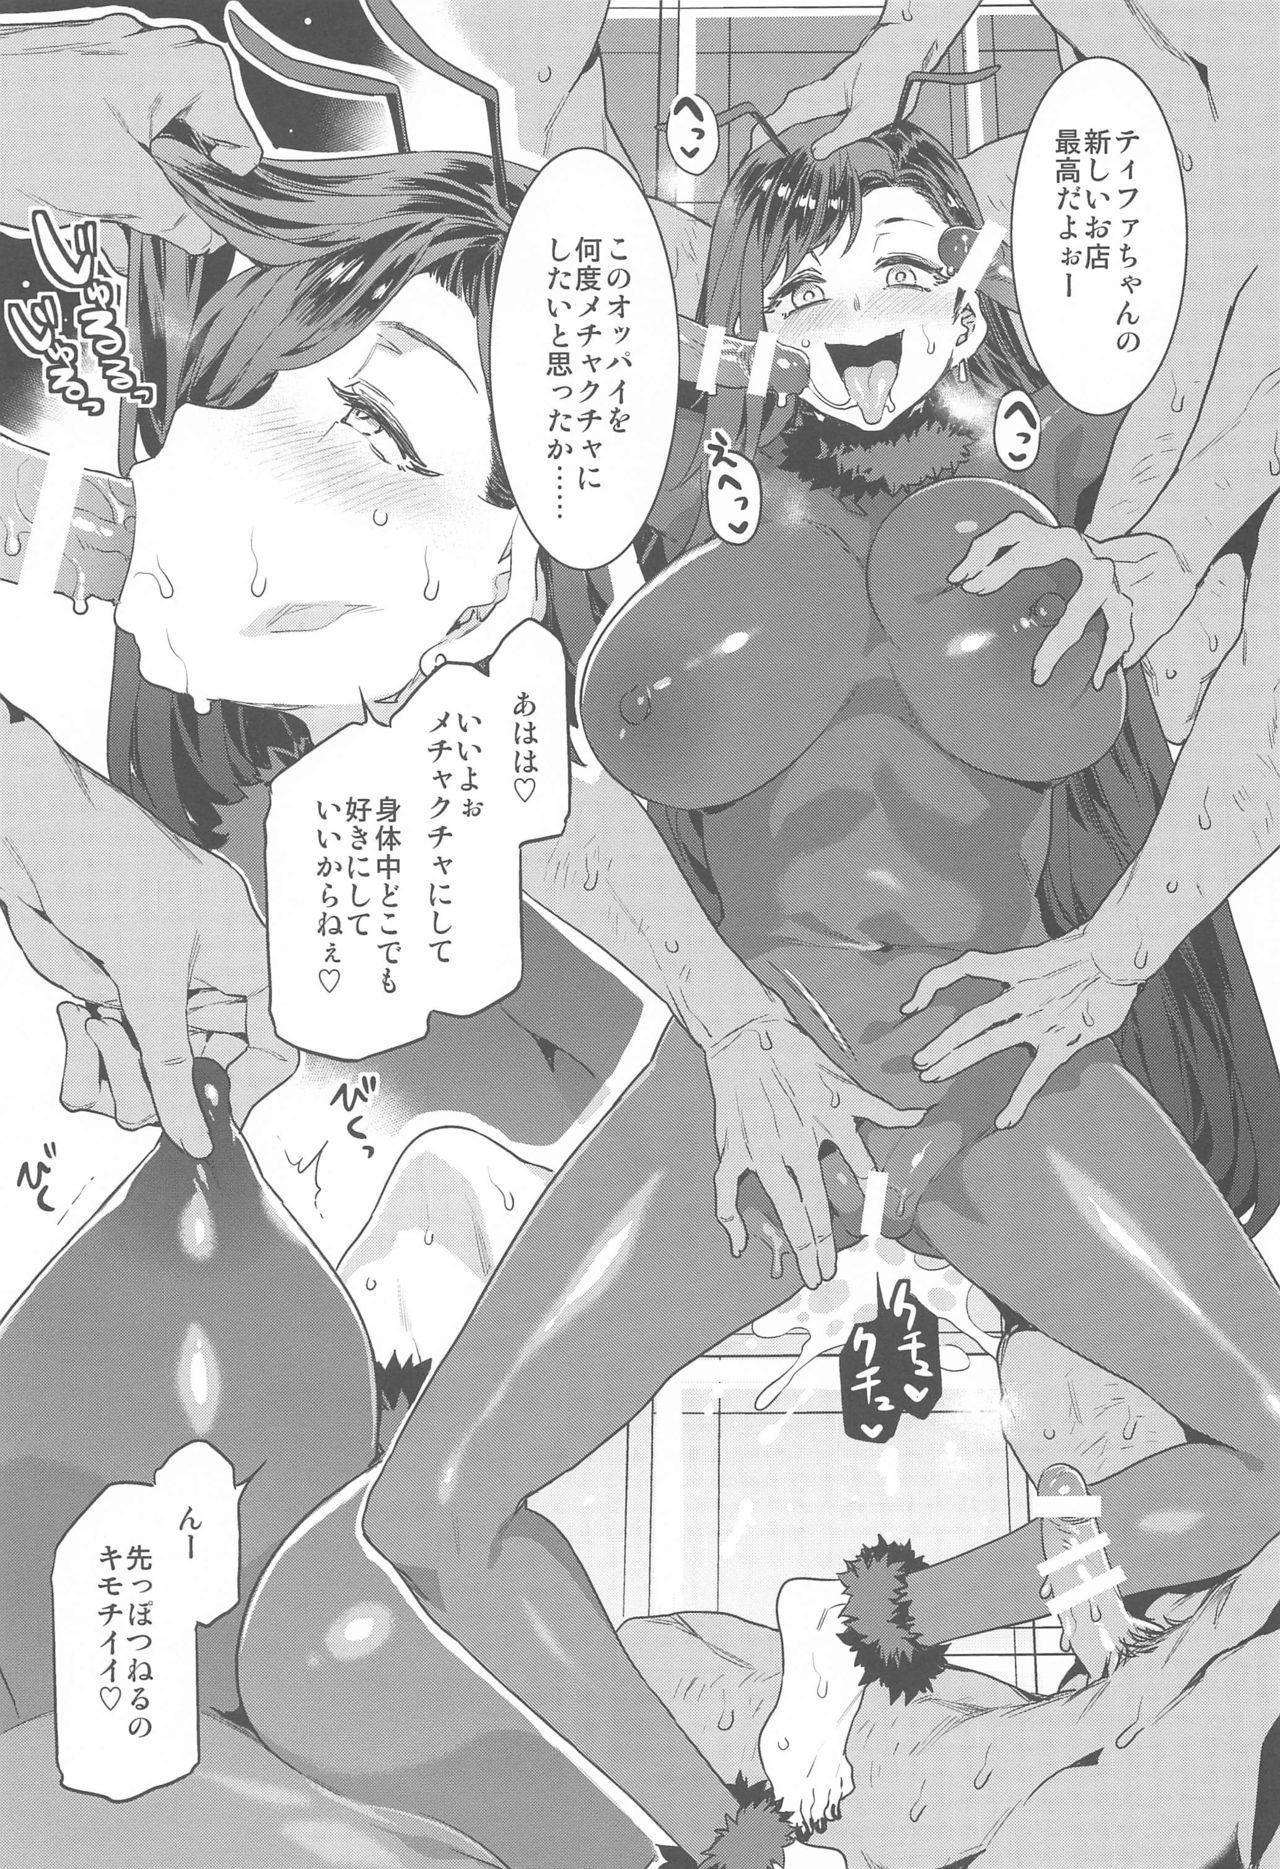 [Alice no Takarabako (Mizuryu Kei)] Mitsubachi no Yakata Nigou-kan Seventh Heaven-ten (Final Fantasy VII) 21